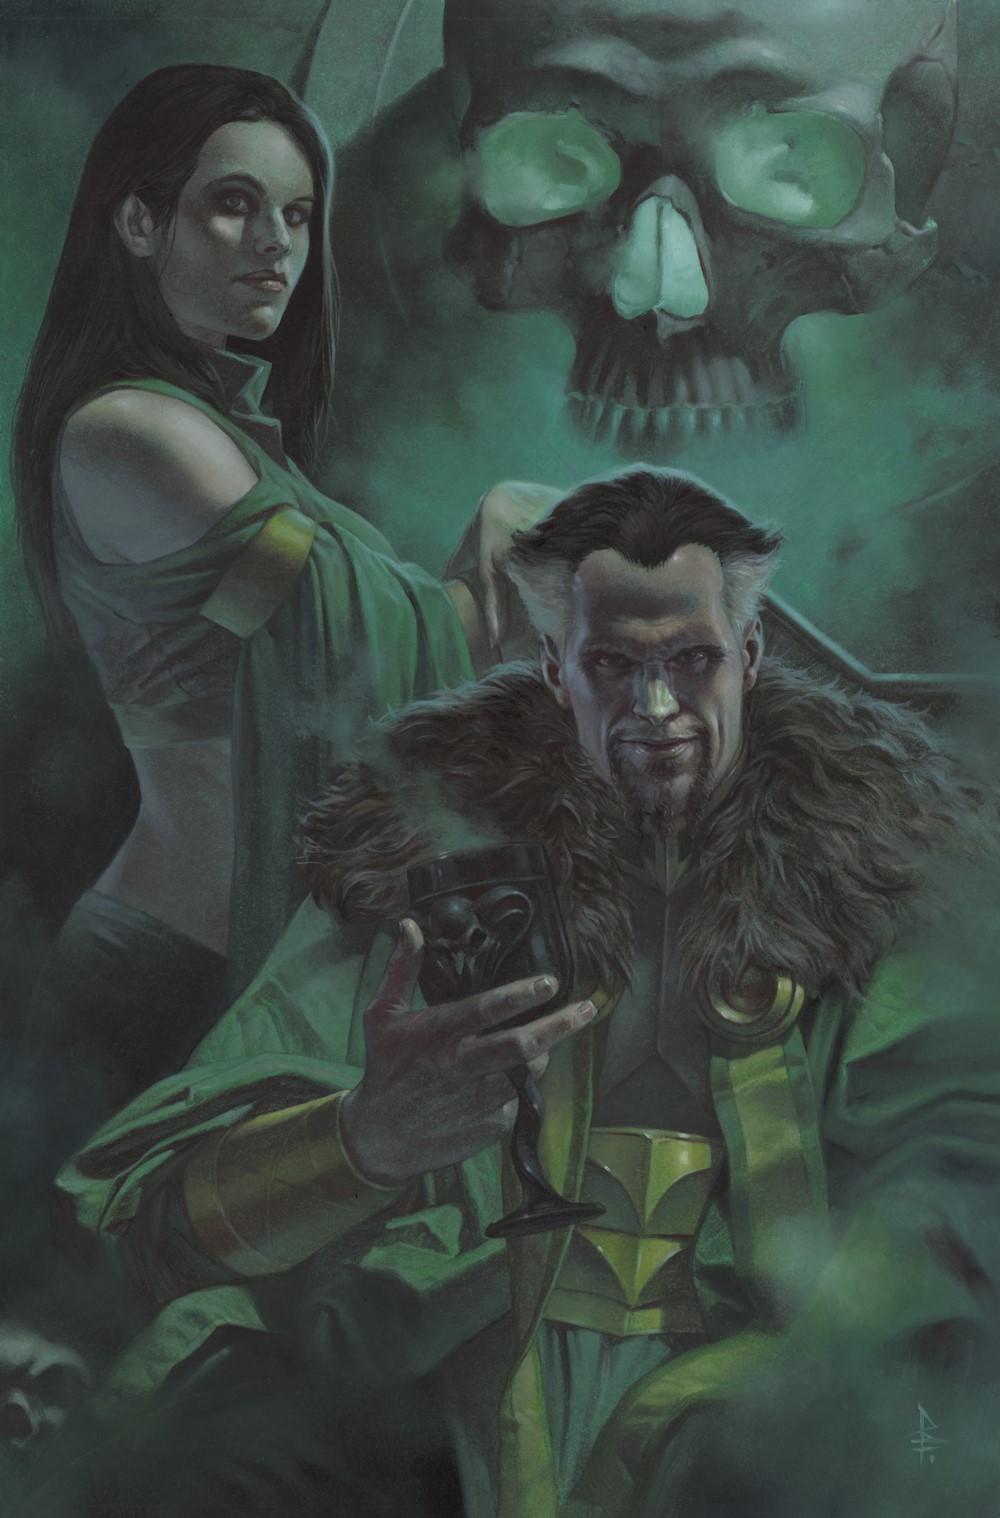 GOTHAM-CITY-VILLAINS-RAS-OPEN-TO-ORDER-VARIANT DC Comics November 2021 Solicitations